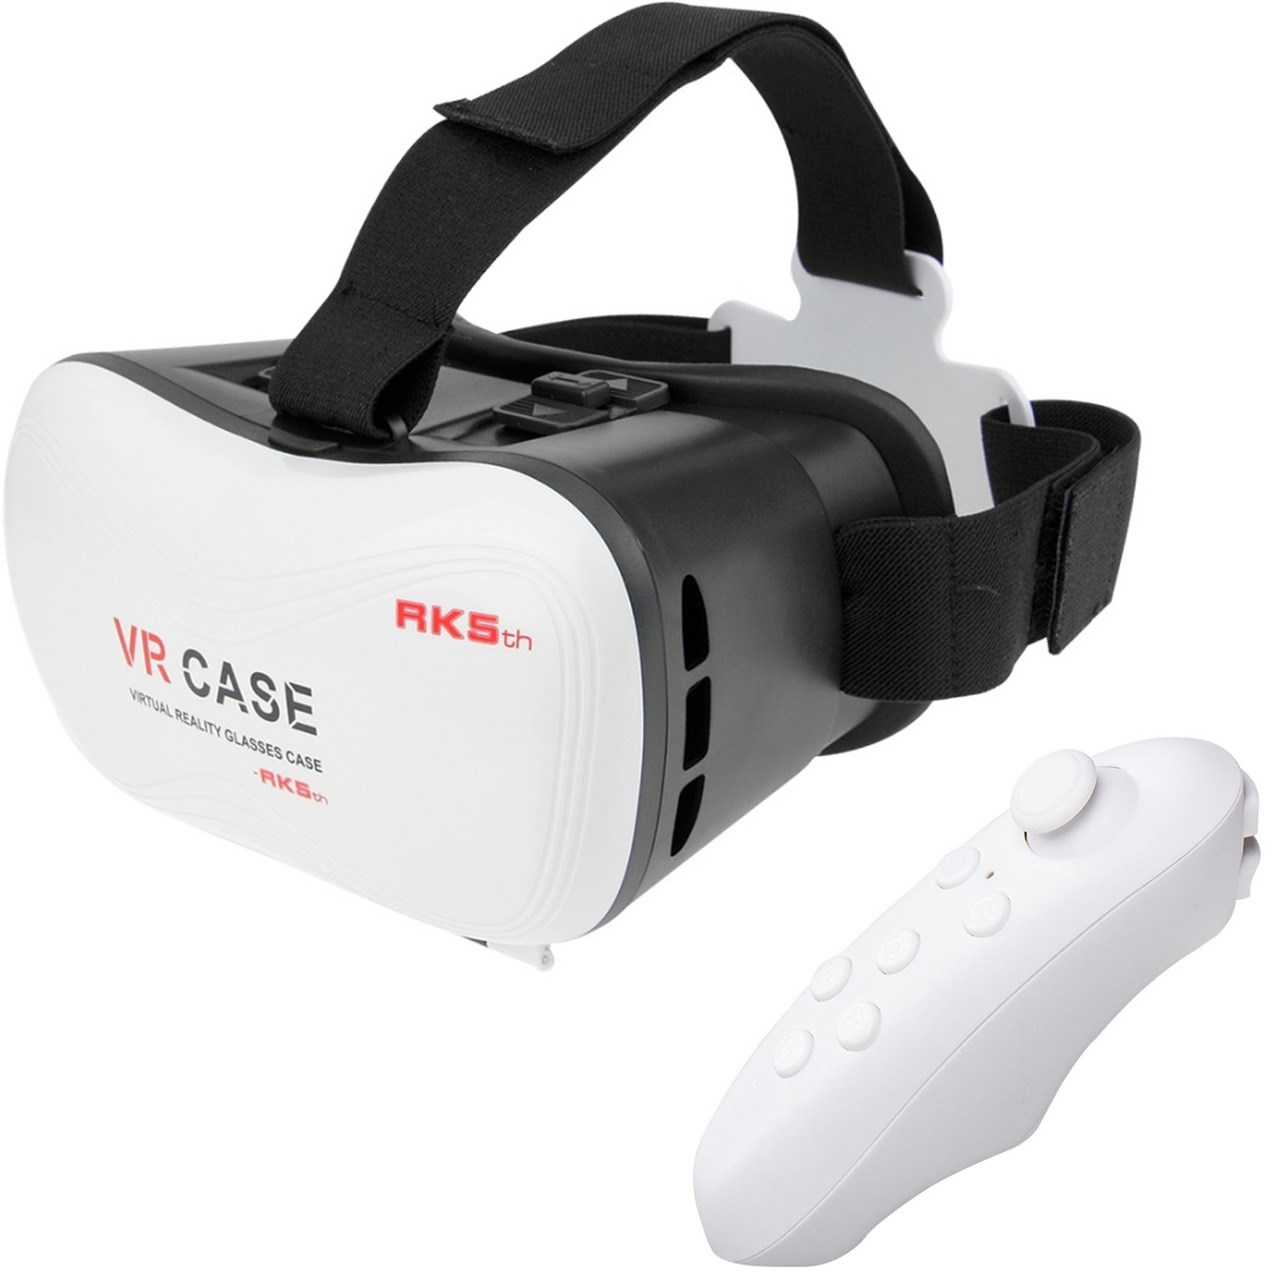 هدست واقعیت مجازی وی آر کیس مدل RK5th همراه با ریموت کنترل